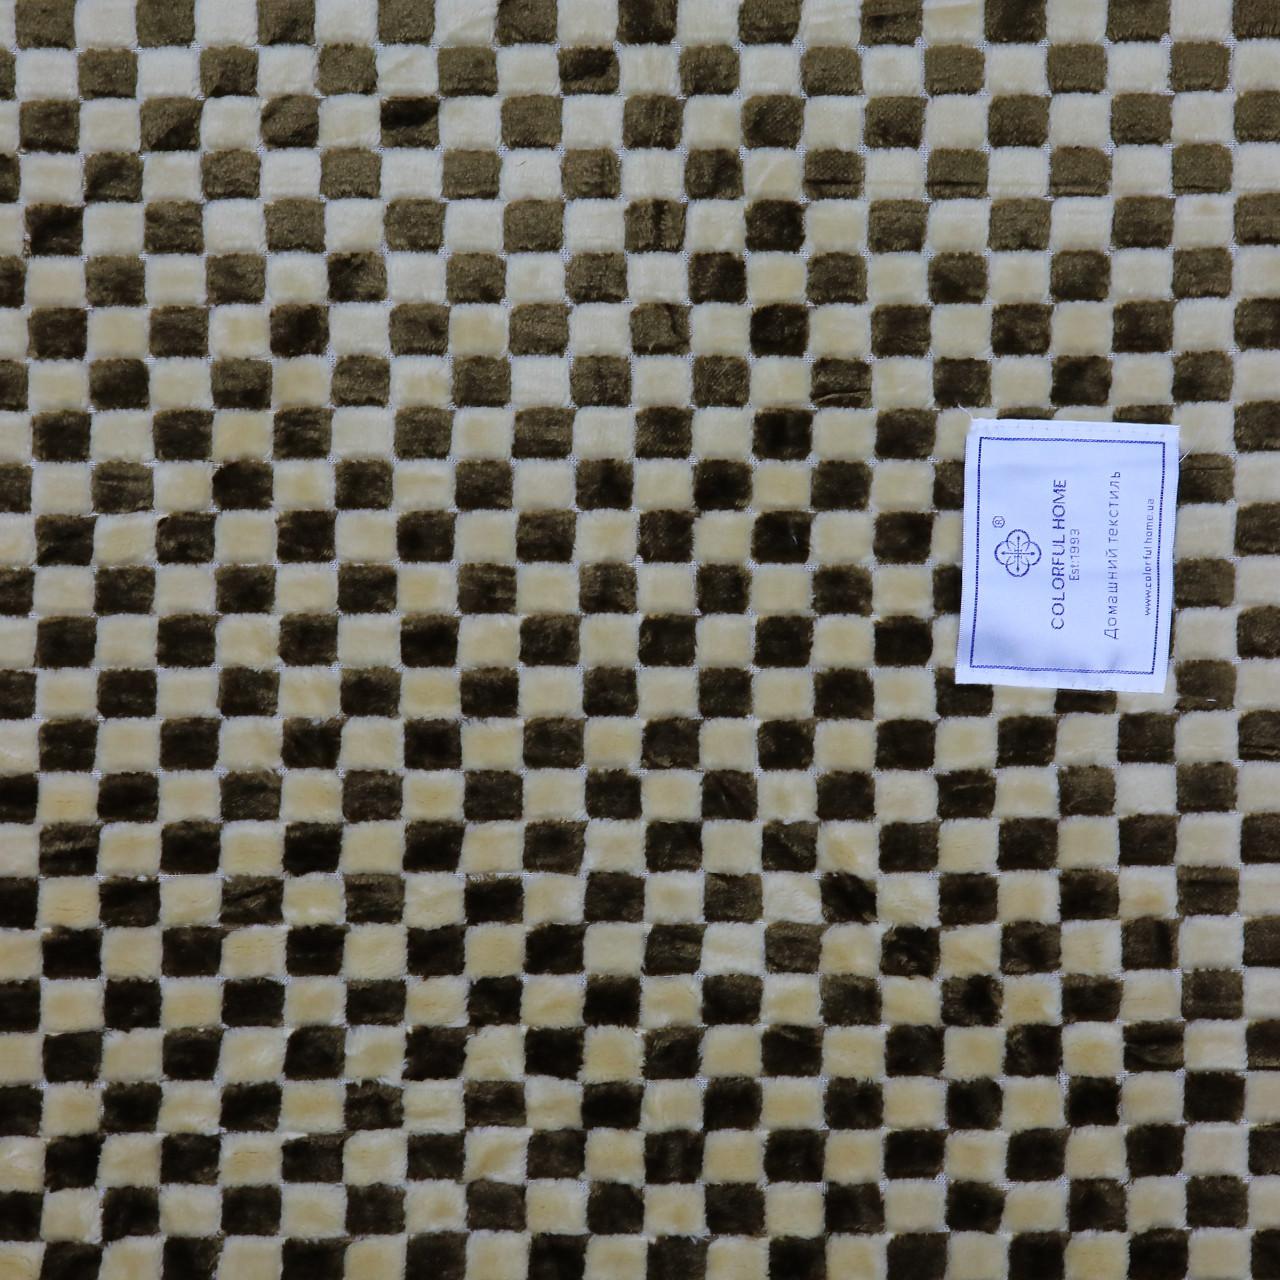 Покрывало в клетку коричневое тонкое 180x200см микрофибра, плед искусственный